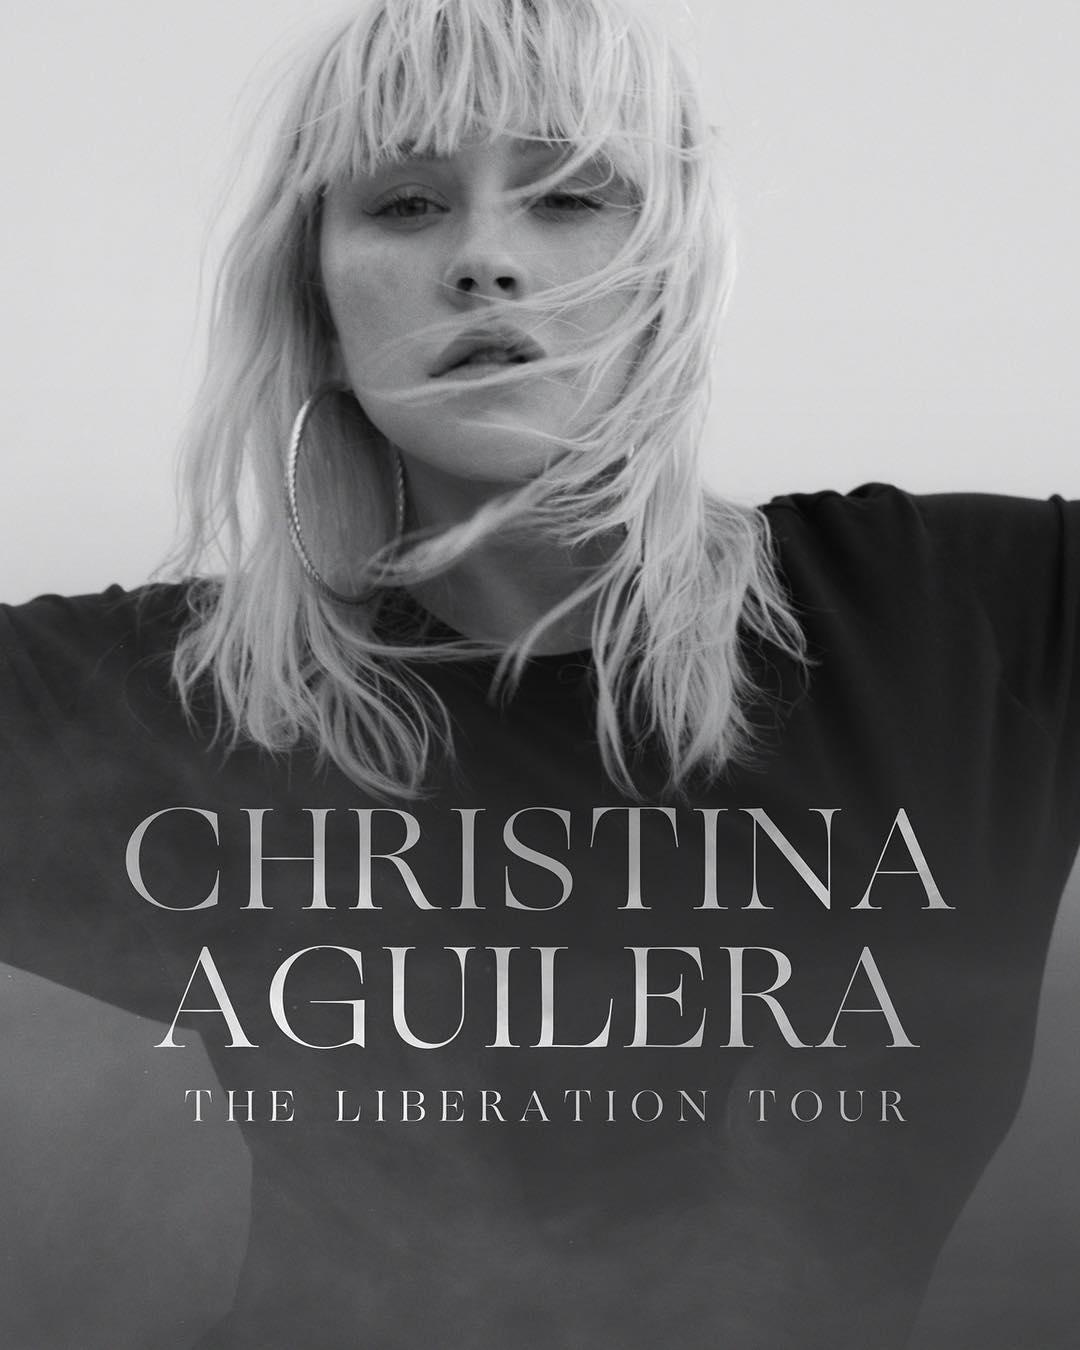 画像1: Christina AguileraさんはInstagramを利用しています:「THE LIBERATION TOUR Tickets on sale May 18  christinaaguilera.com」 www.instagram.com